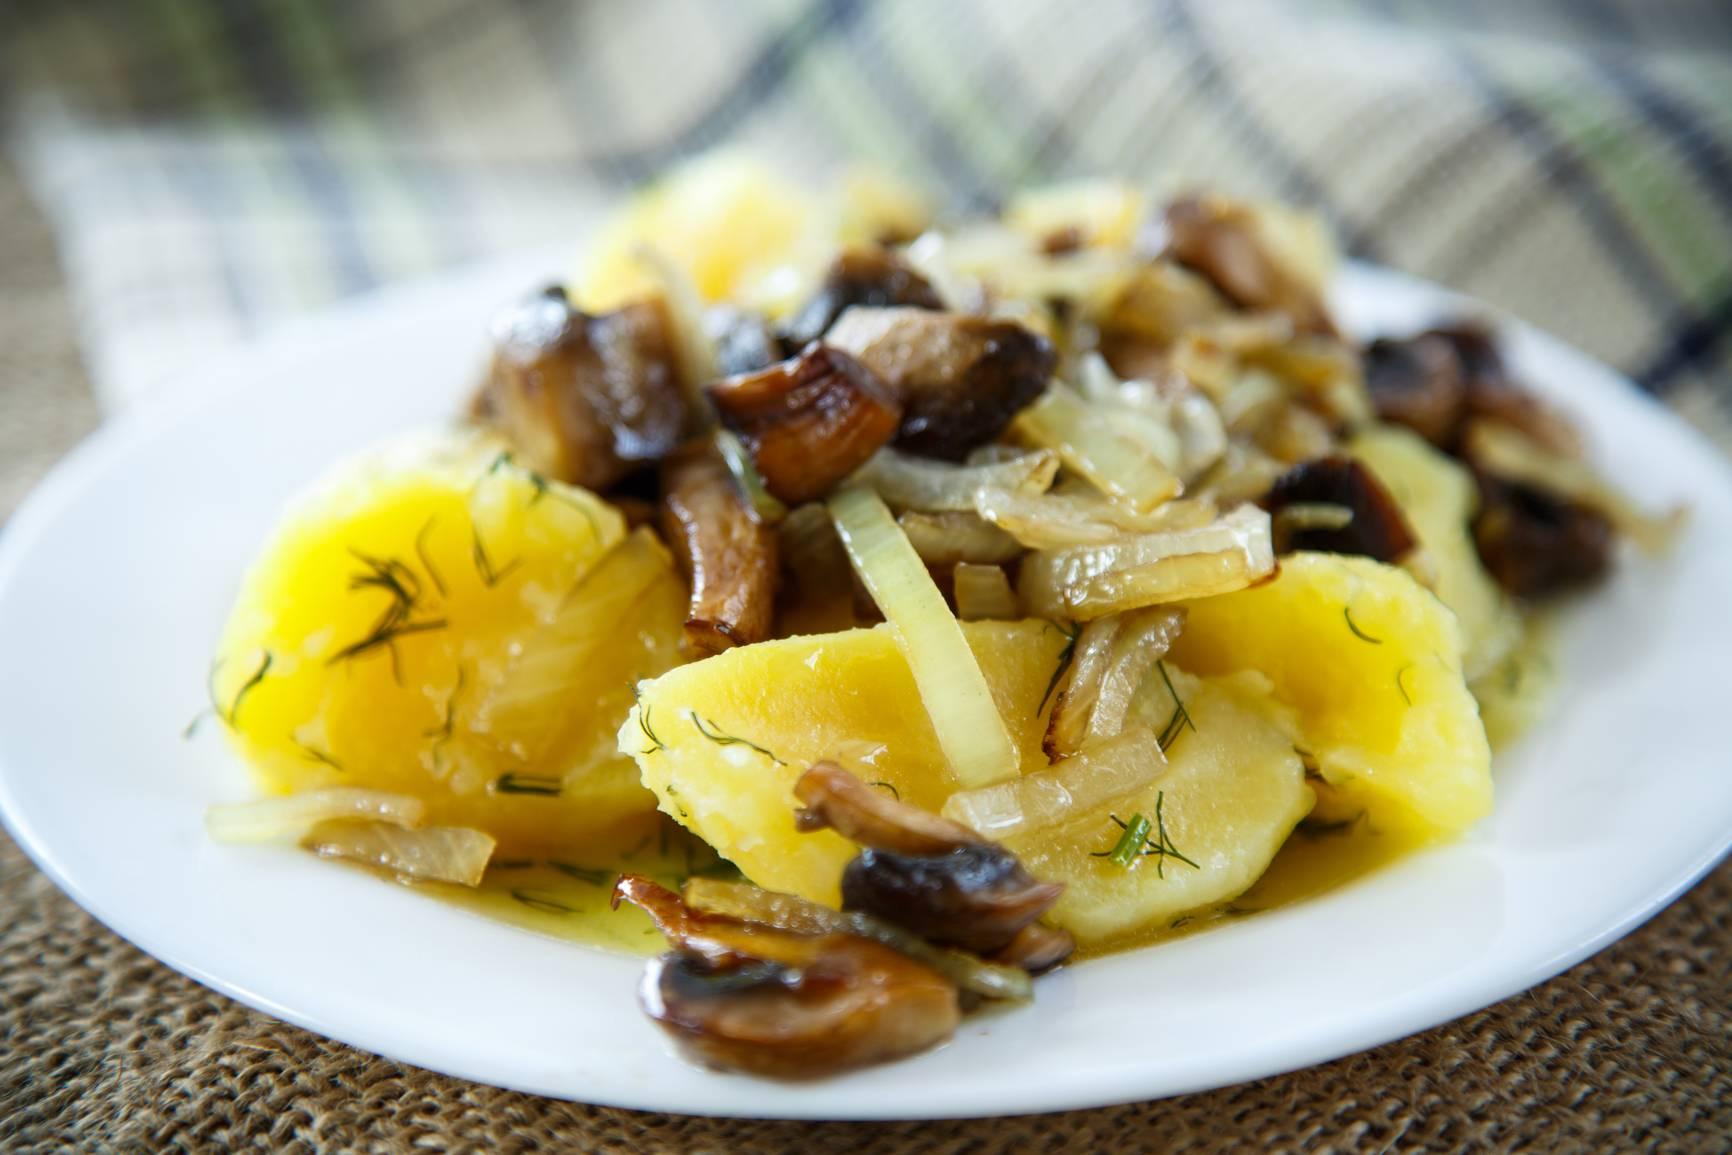 Опята жареные с картошкой - рецепты на сковороде и в мультиварке, с луком, сметаной, свининой